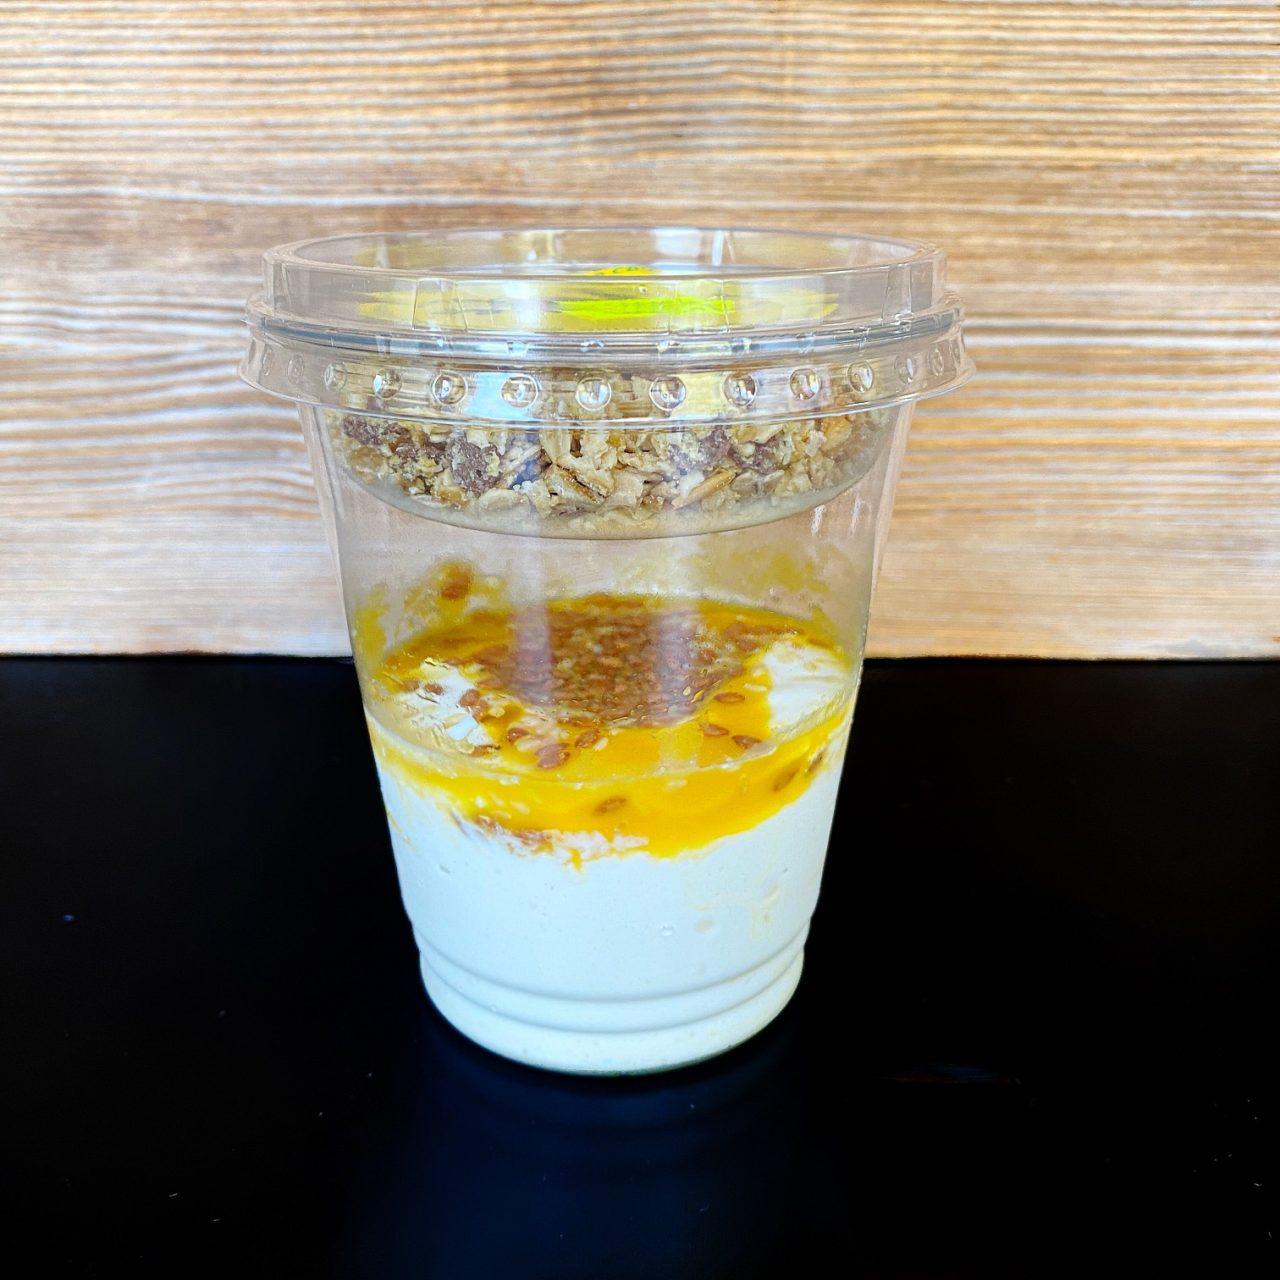 Сырный мусс со злаками и пюре манго